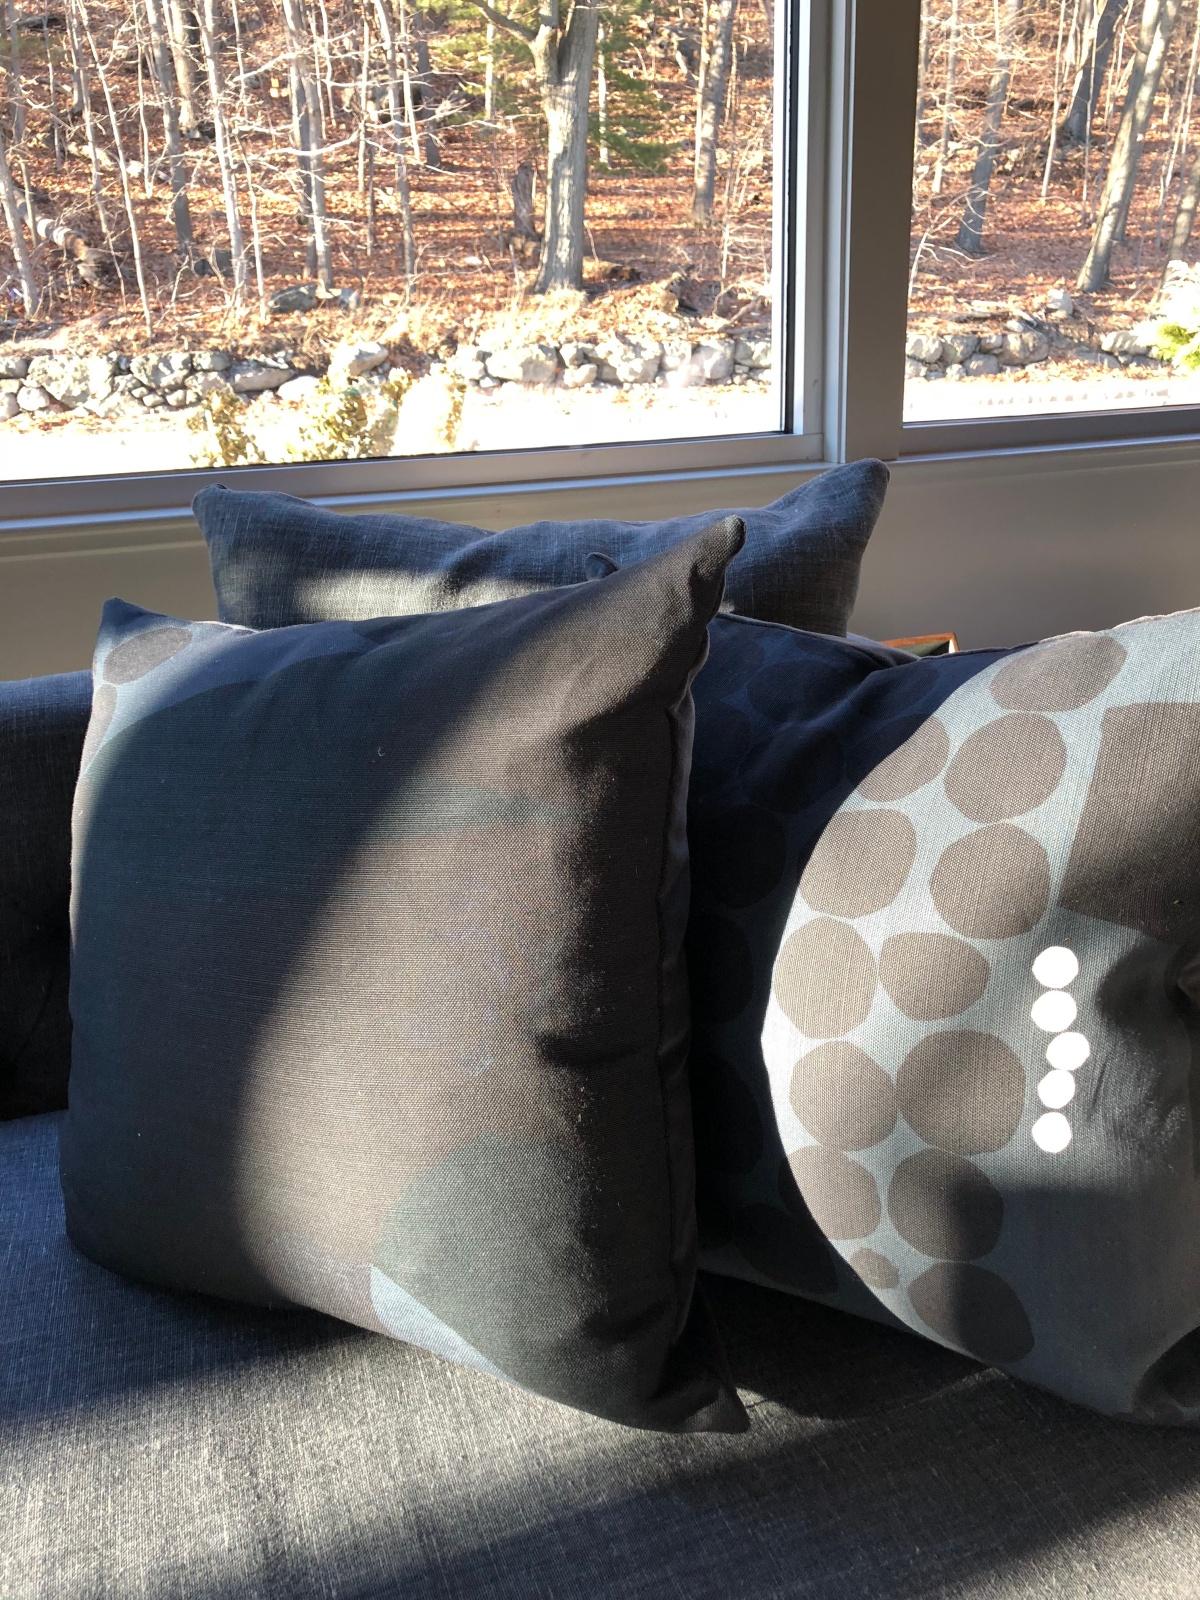 tx-poppy+dandy pillow 4@artefacthome